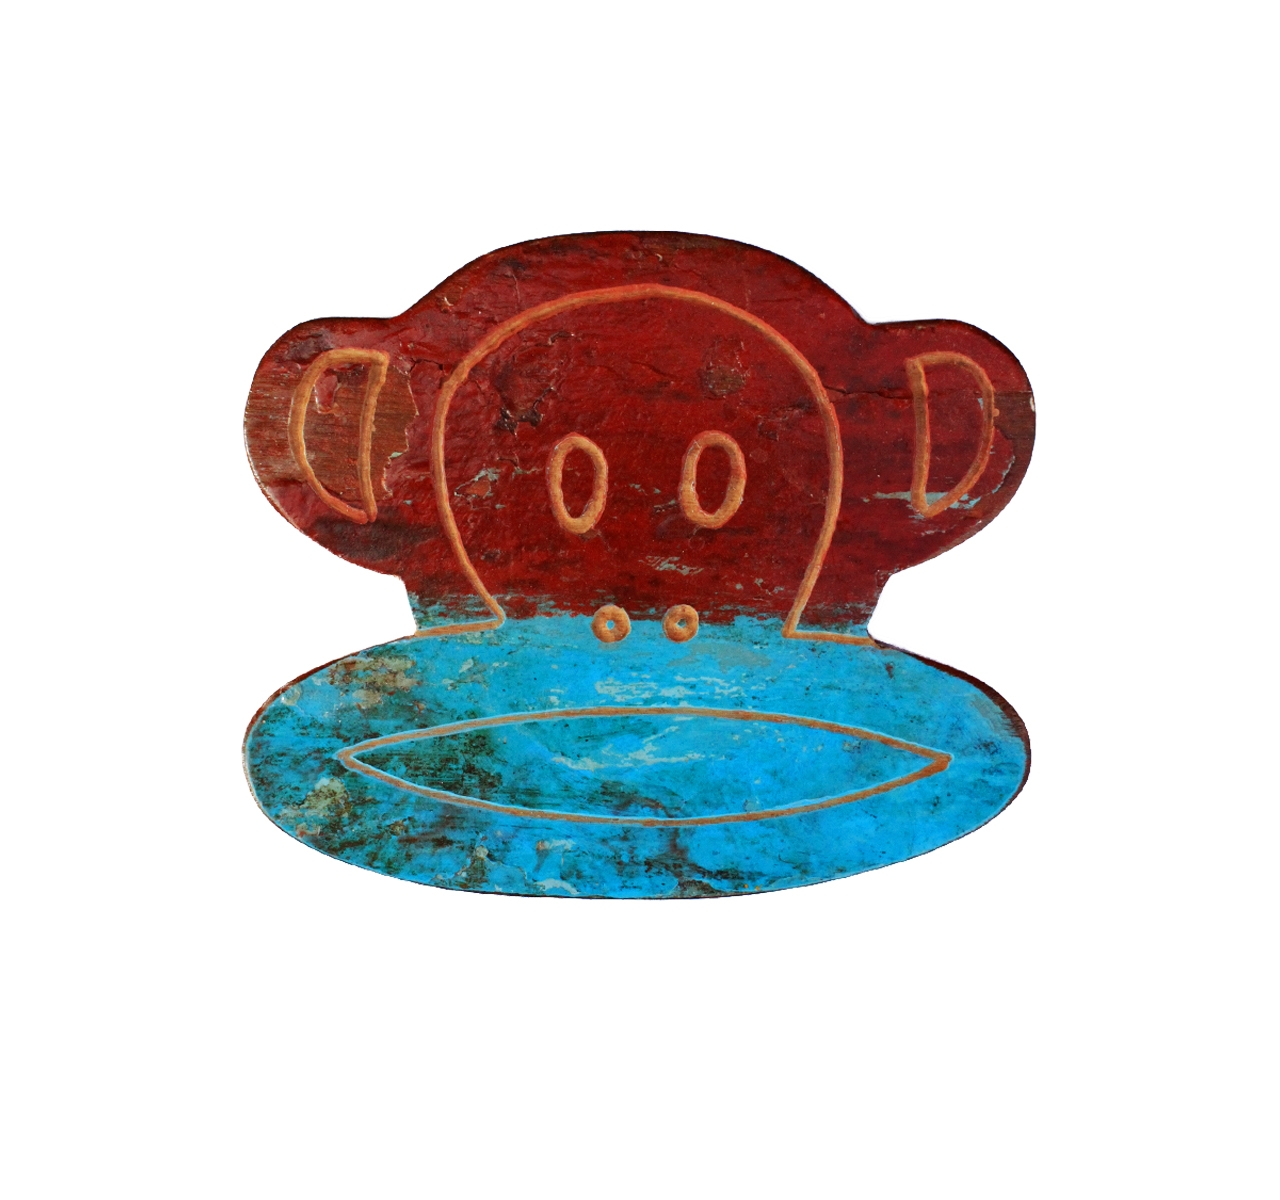 Огненная обезьянаДругое<br>&amp;lt;div&amp;gt;Огненная обезьяна – символ наступающего &amp;amp;nbsp;2016 года. Эта обезьянка родом из солнечной Индонезии, где она была частью старого рыболовецкого судна. Мастера Like Lodka разбирают их, а из фрагментов делают оригинальные предметы декора. При этом изначальные расцветки лодок сохраняются, поэтому, скорее всего, по центру обезьяньей мордочки проходит не что иное, как ватерлиния.&amp;lt;br&amp;gt;&amp;lt;/div&amp;gt;&amp;lt;div&amp;gt;&amp;lt;br&amp;gt;&amp;lt;/div&amp;gt;Обезьяна выполненная из фрагмента настоящего рыболовецкого судна, возраст которого 20-50 лет.<br><br>Material: Тик<br>Length см: 20<br>Depth см: 3<br>Height см: 17